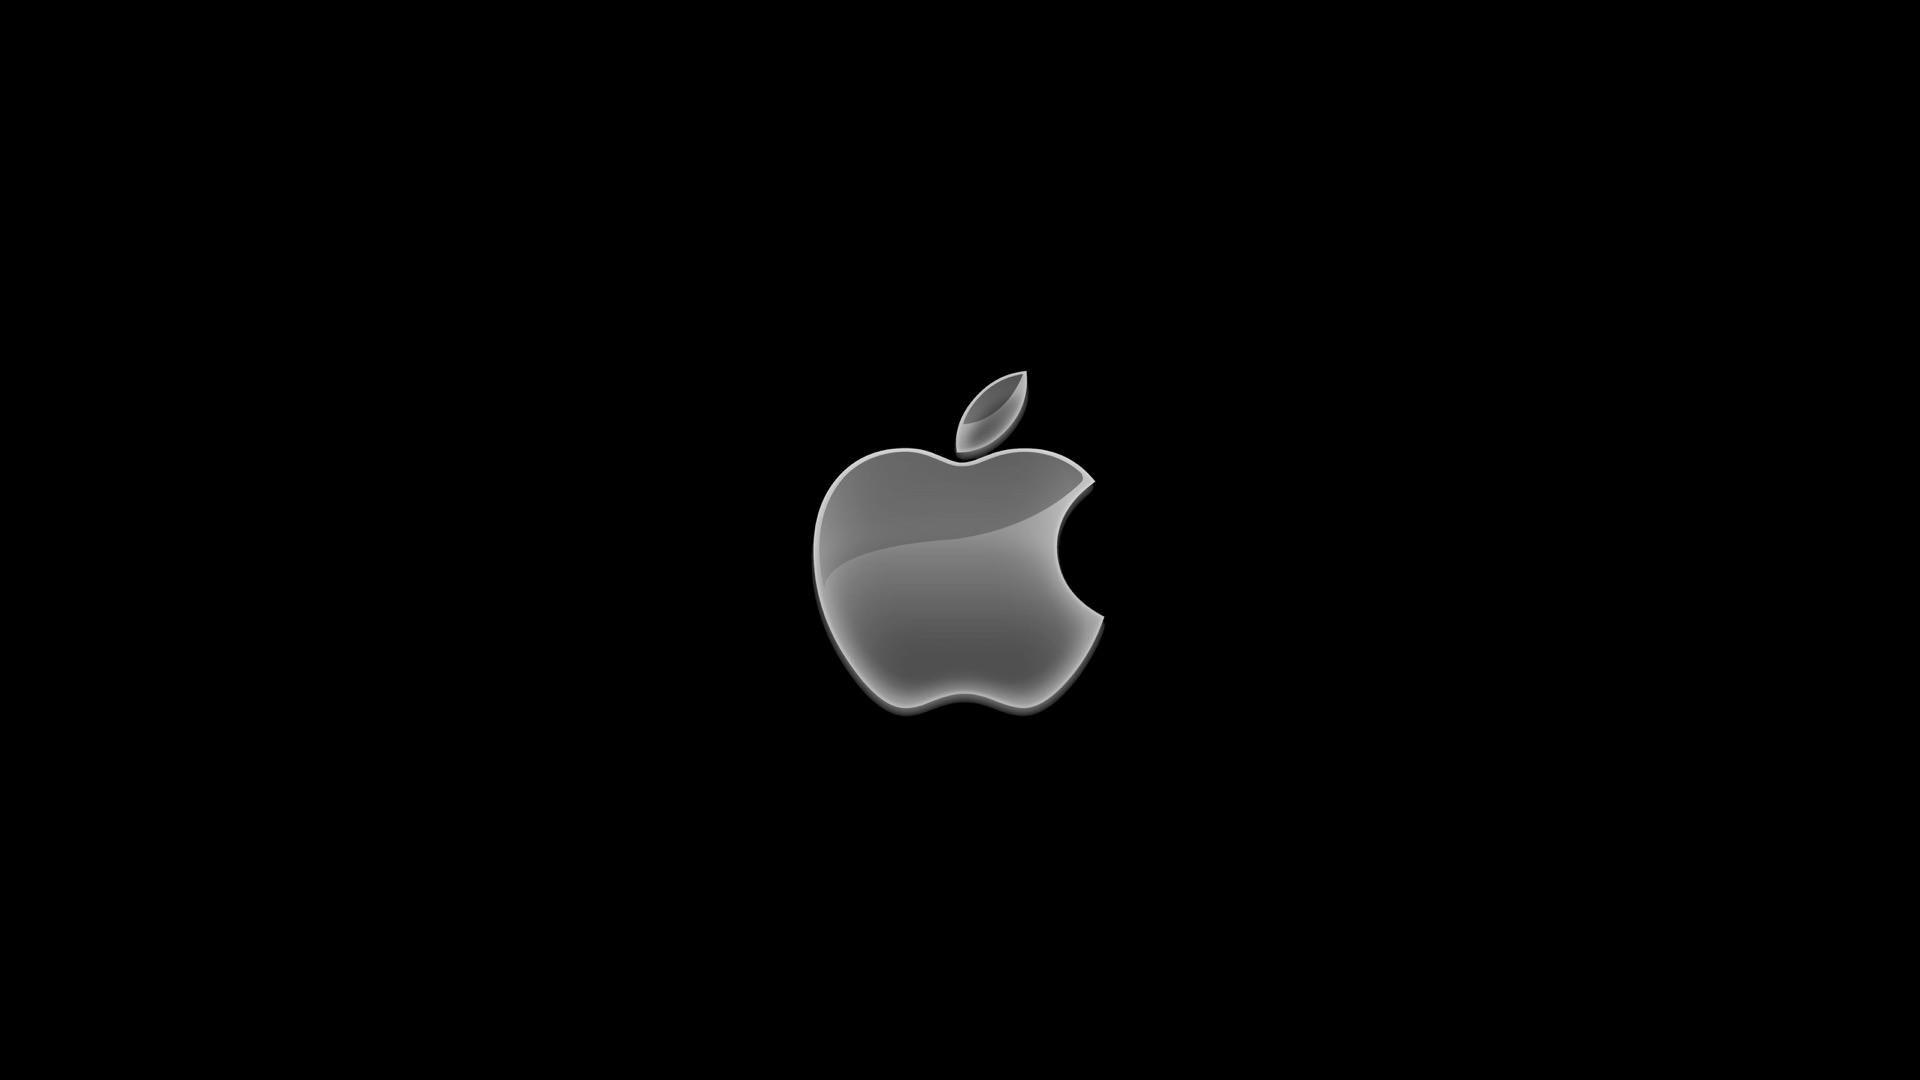 Apple Logo On Black